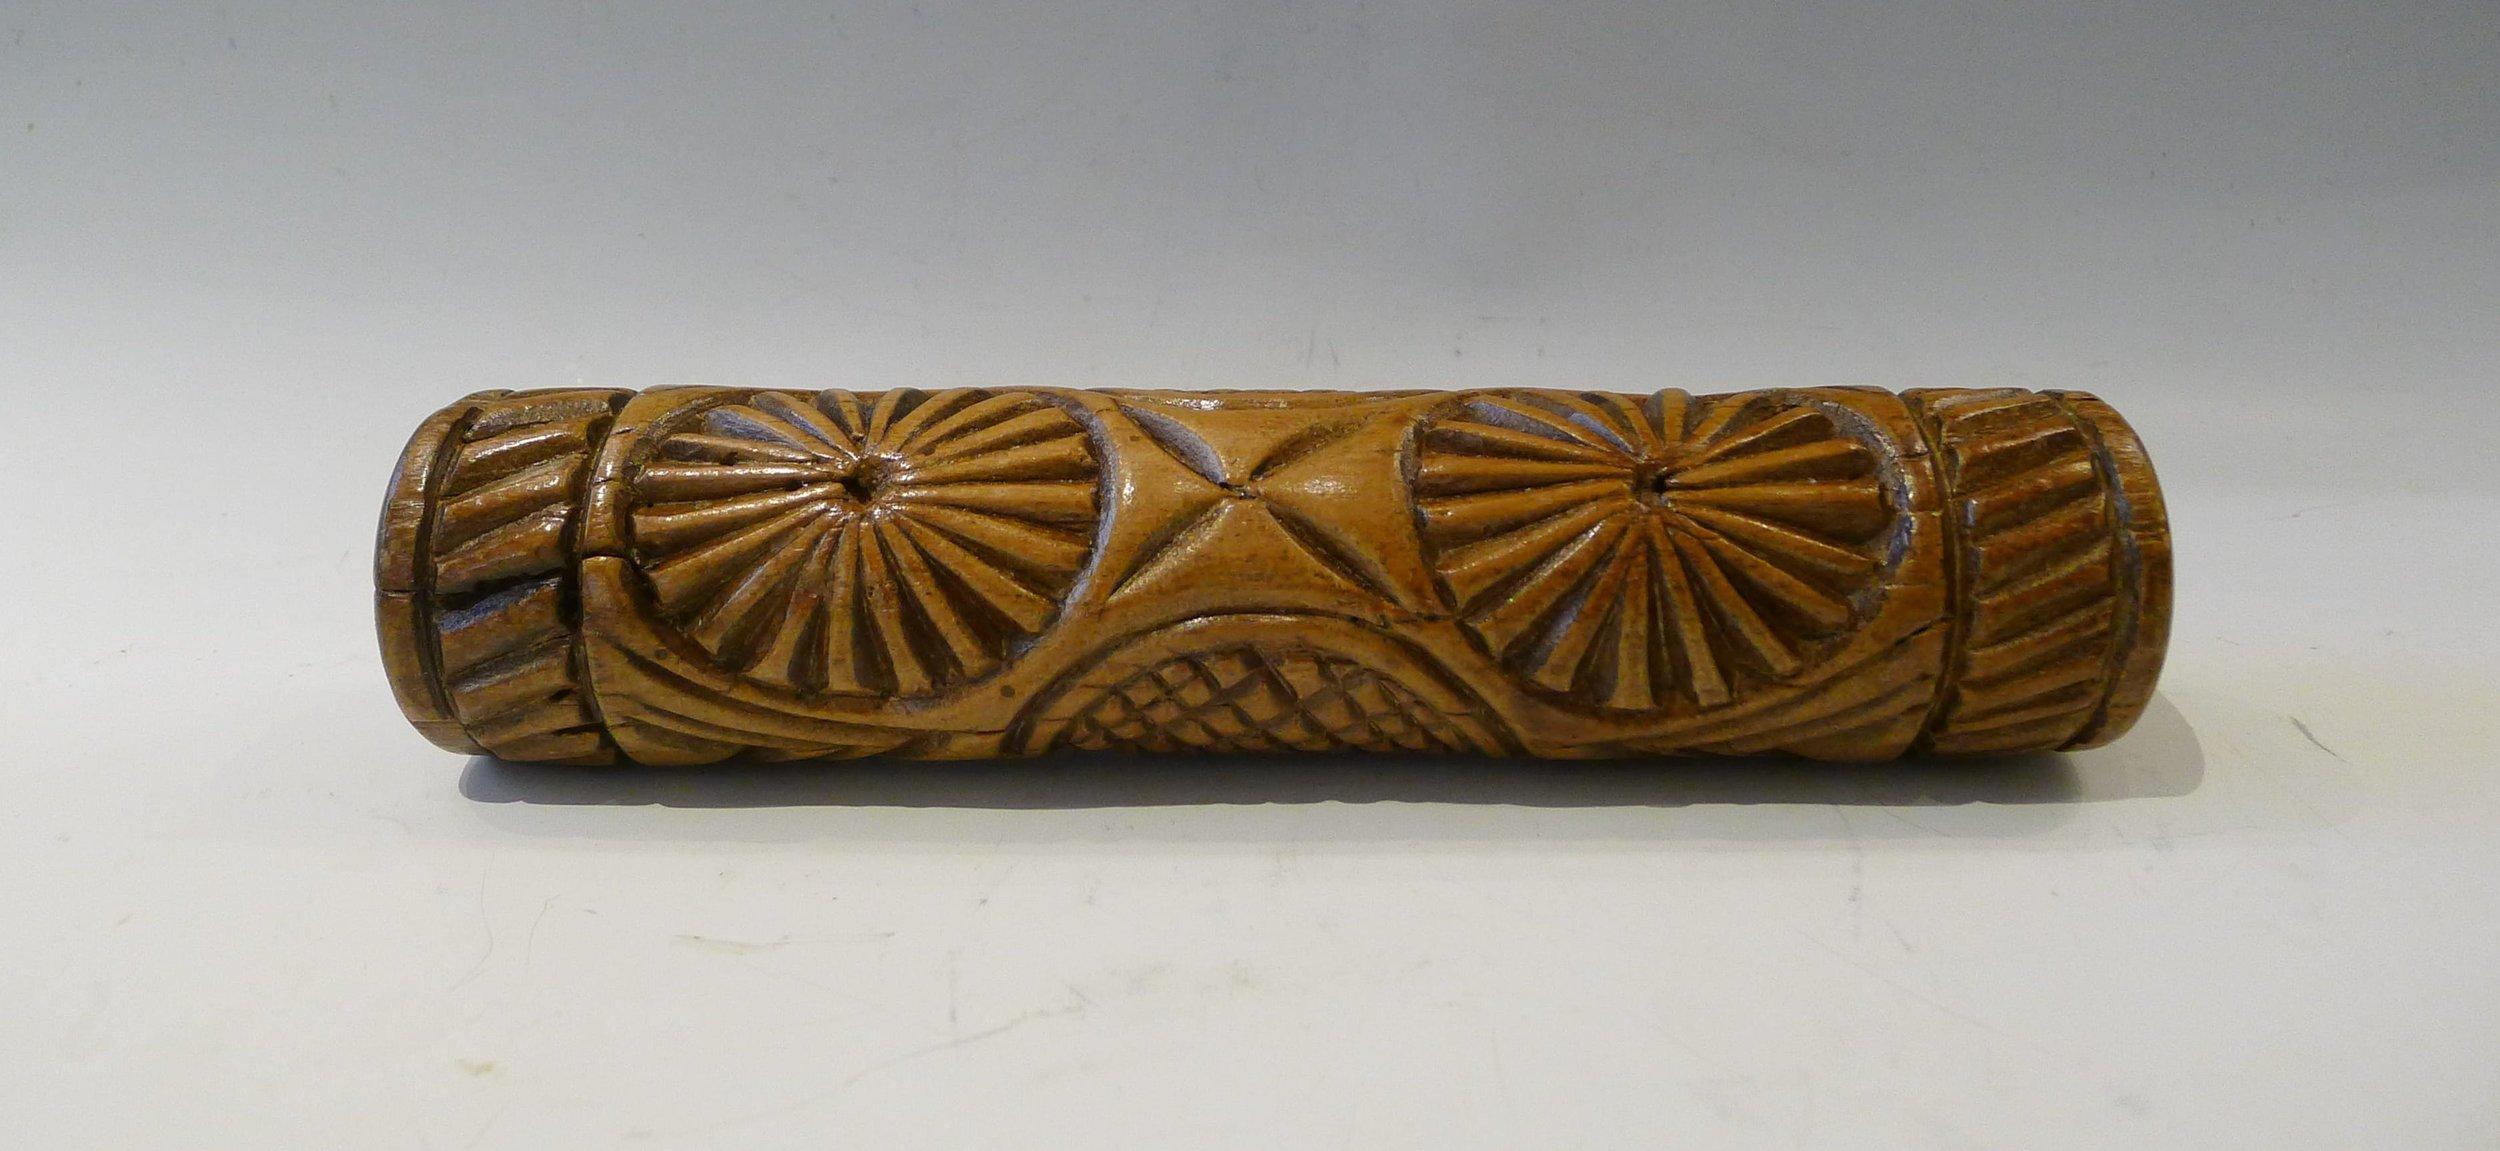 3.Rouleau sculpté en creux de 2 rouelles à multiples branches séparées de 4 pétales en X , garni d'un quadrillage de pointes de diamants arasées.Fente.Auvergne, 19 ème, L: 25 cm.